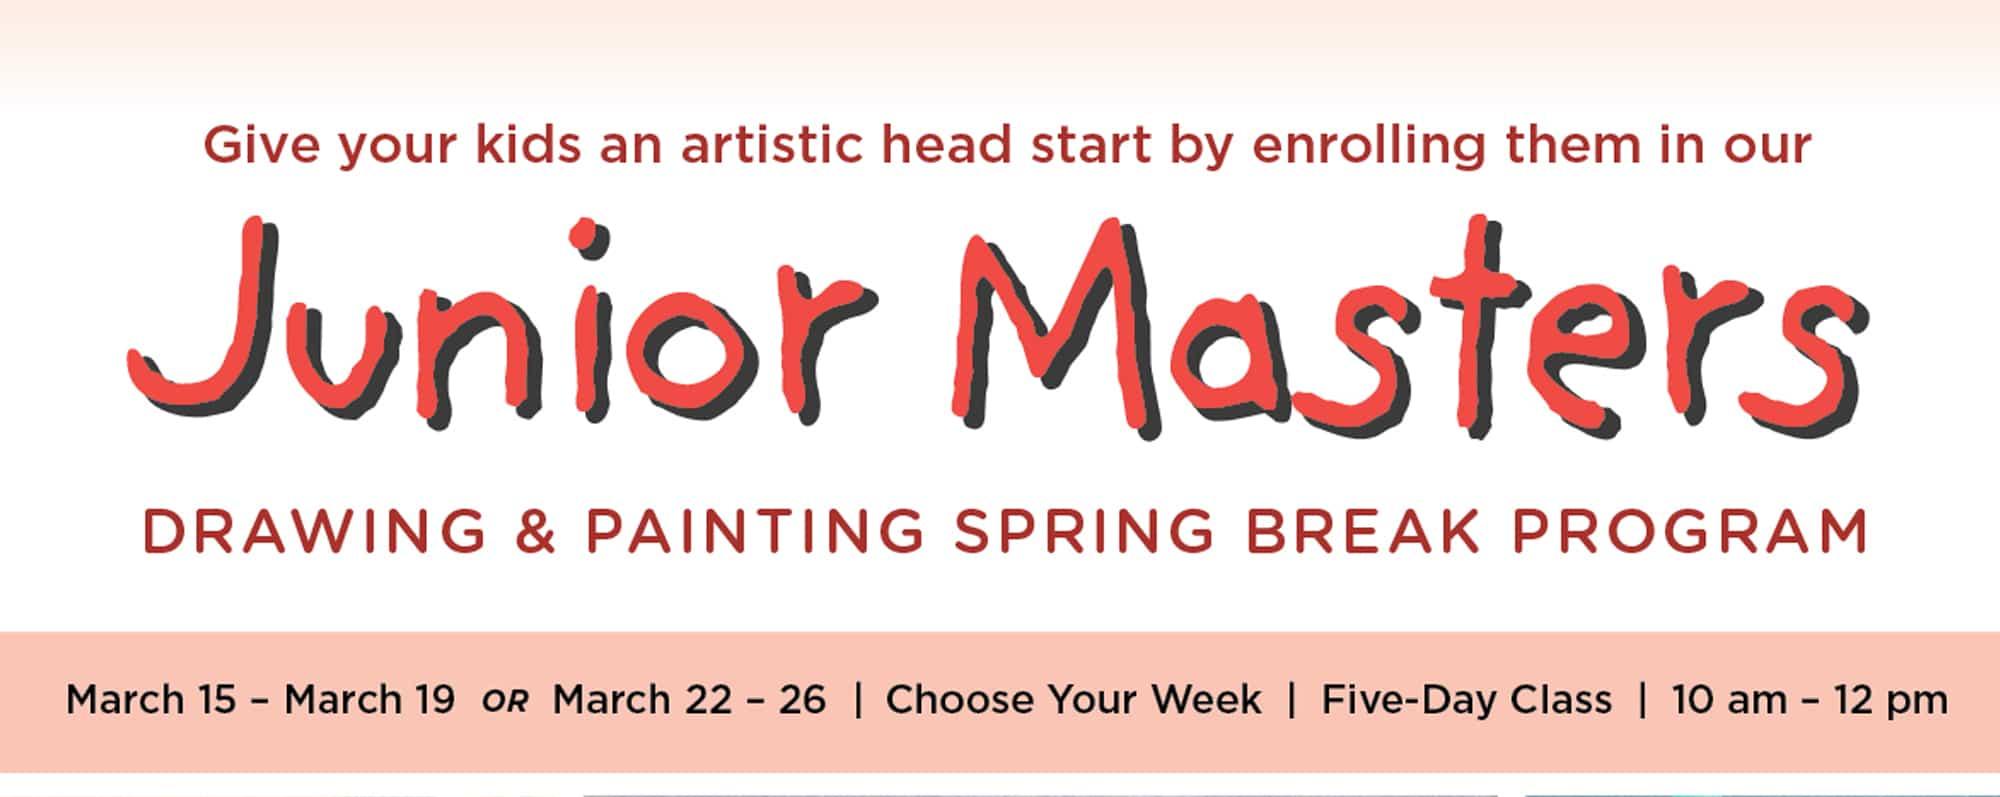 Junior Masters Spring Break